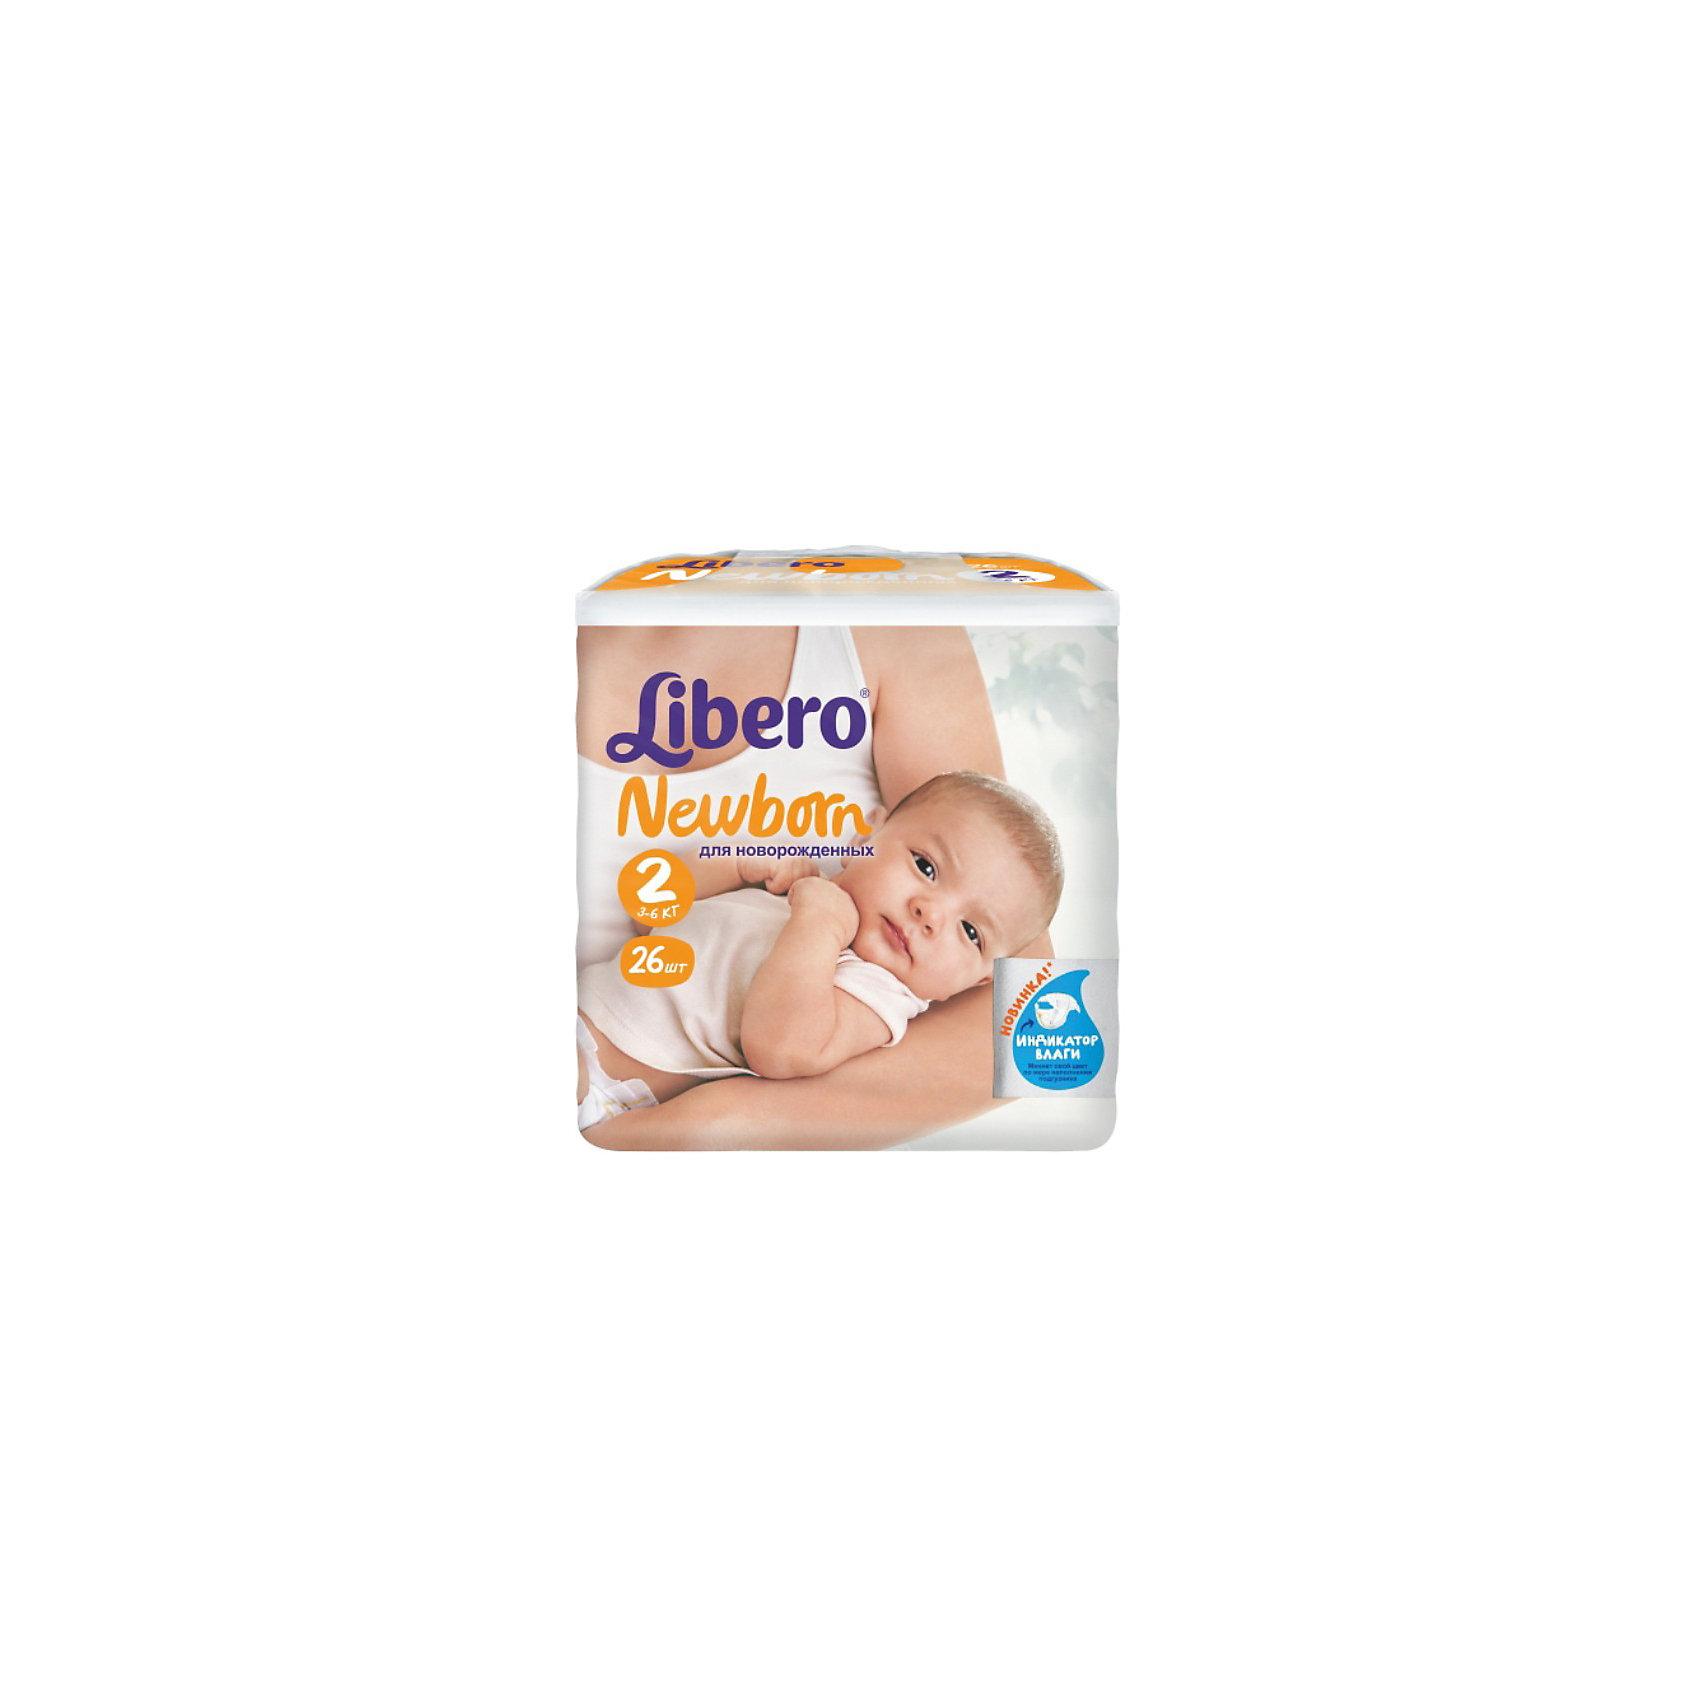 Подгузники Libero Newborn, Mini 3-6 кг (2), 26 шт.Подгузники 5-12 кг.<br>Подгузники Libero Newborn (Либеро Ньюборн) Size 2 (3-6кг), 26 шт.<br><br>Характеристики:<br><br>• быстро впитывают влагу и удерживают ее<br>• нетканый дышащий материал<br>• эластичный поясок<br>• специальный вырез для пупка<br>• мягкий барьер вокруг ног защитит от протеканий<br>• многоразовые застежки<br>• индикатор влаги<br>• размер: 2 (от 3 до 6 кг)<br>• количество в упаковке: 26 шт.<br><br>Кожа новорожденного ребенка требует особенно бережного ухода. Подгузники Libero Newborn прекрасно справятся с этой задачей. Они мягкие на ощупь и не содержат ароматизаторов. Кроме того, у подгузников есть специальный вырез спереди, который позволит избежать травмирования пупка. Подгузники хорошо и быстро впитывают влагу и даже жидкий стул. Мягкие барьеры и эластичный пояс надежно защищают от протеканий. Подгузники оснащены индикатором влаги, который поможет вам вовремя сменить подгузник. В подгузниках Libero Newborn ваш малыш будет изучать новый мир с комфортом!<br><br>Вы можете купить подгузники Libero Newborn (Либеро Ньюборн) Size 2 (3-6кг), 26 шт. в нашем интернет-магазине.<br><br>Ширина мм: 115<br>Глубина мм: 195<br>Высота мм: 189<br>Вес г: 613<br>Возраст от месяцев: 0<br>Возраст до месяцев: 3<br>Пол: Унисекс<br>Возраст: Детский<br>SKU: 3517609